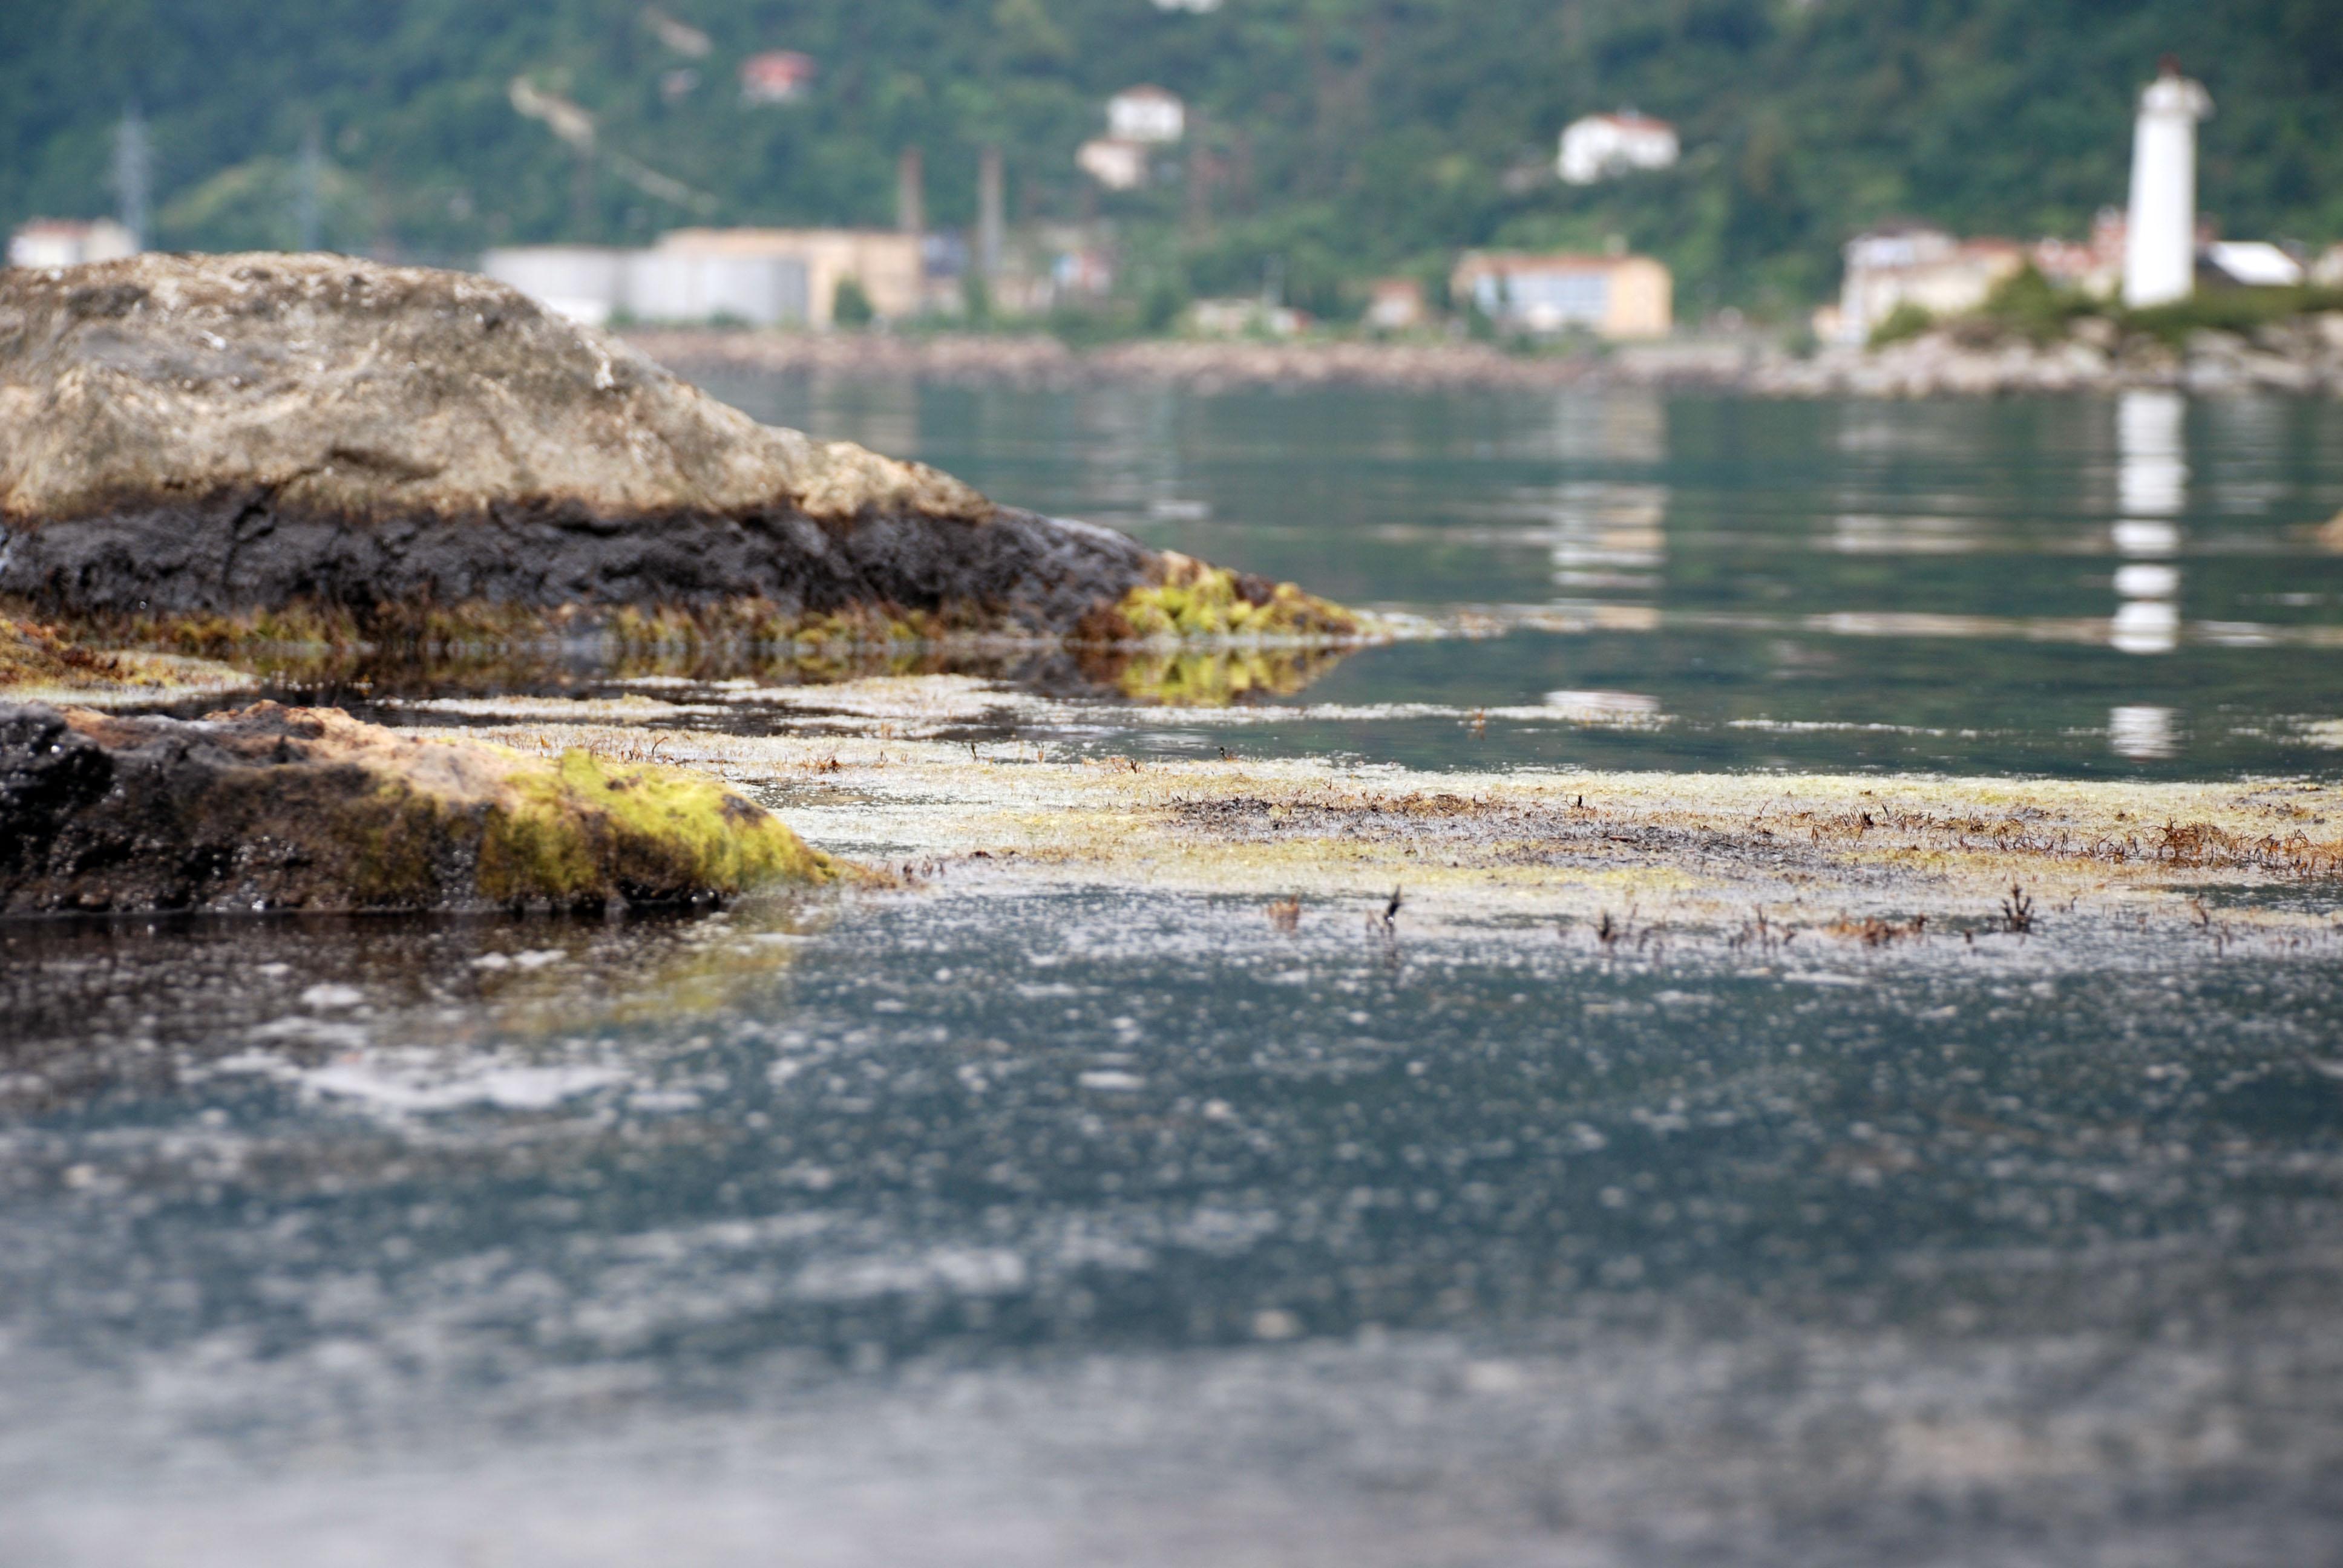 Kadıköy'ün, İstanbul'un ve Marmara Denizi'nin  en önemli ihtiyacı biyolojik arıtma tesisidir